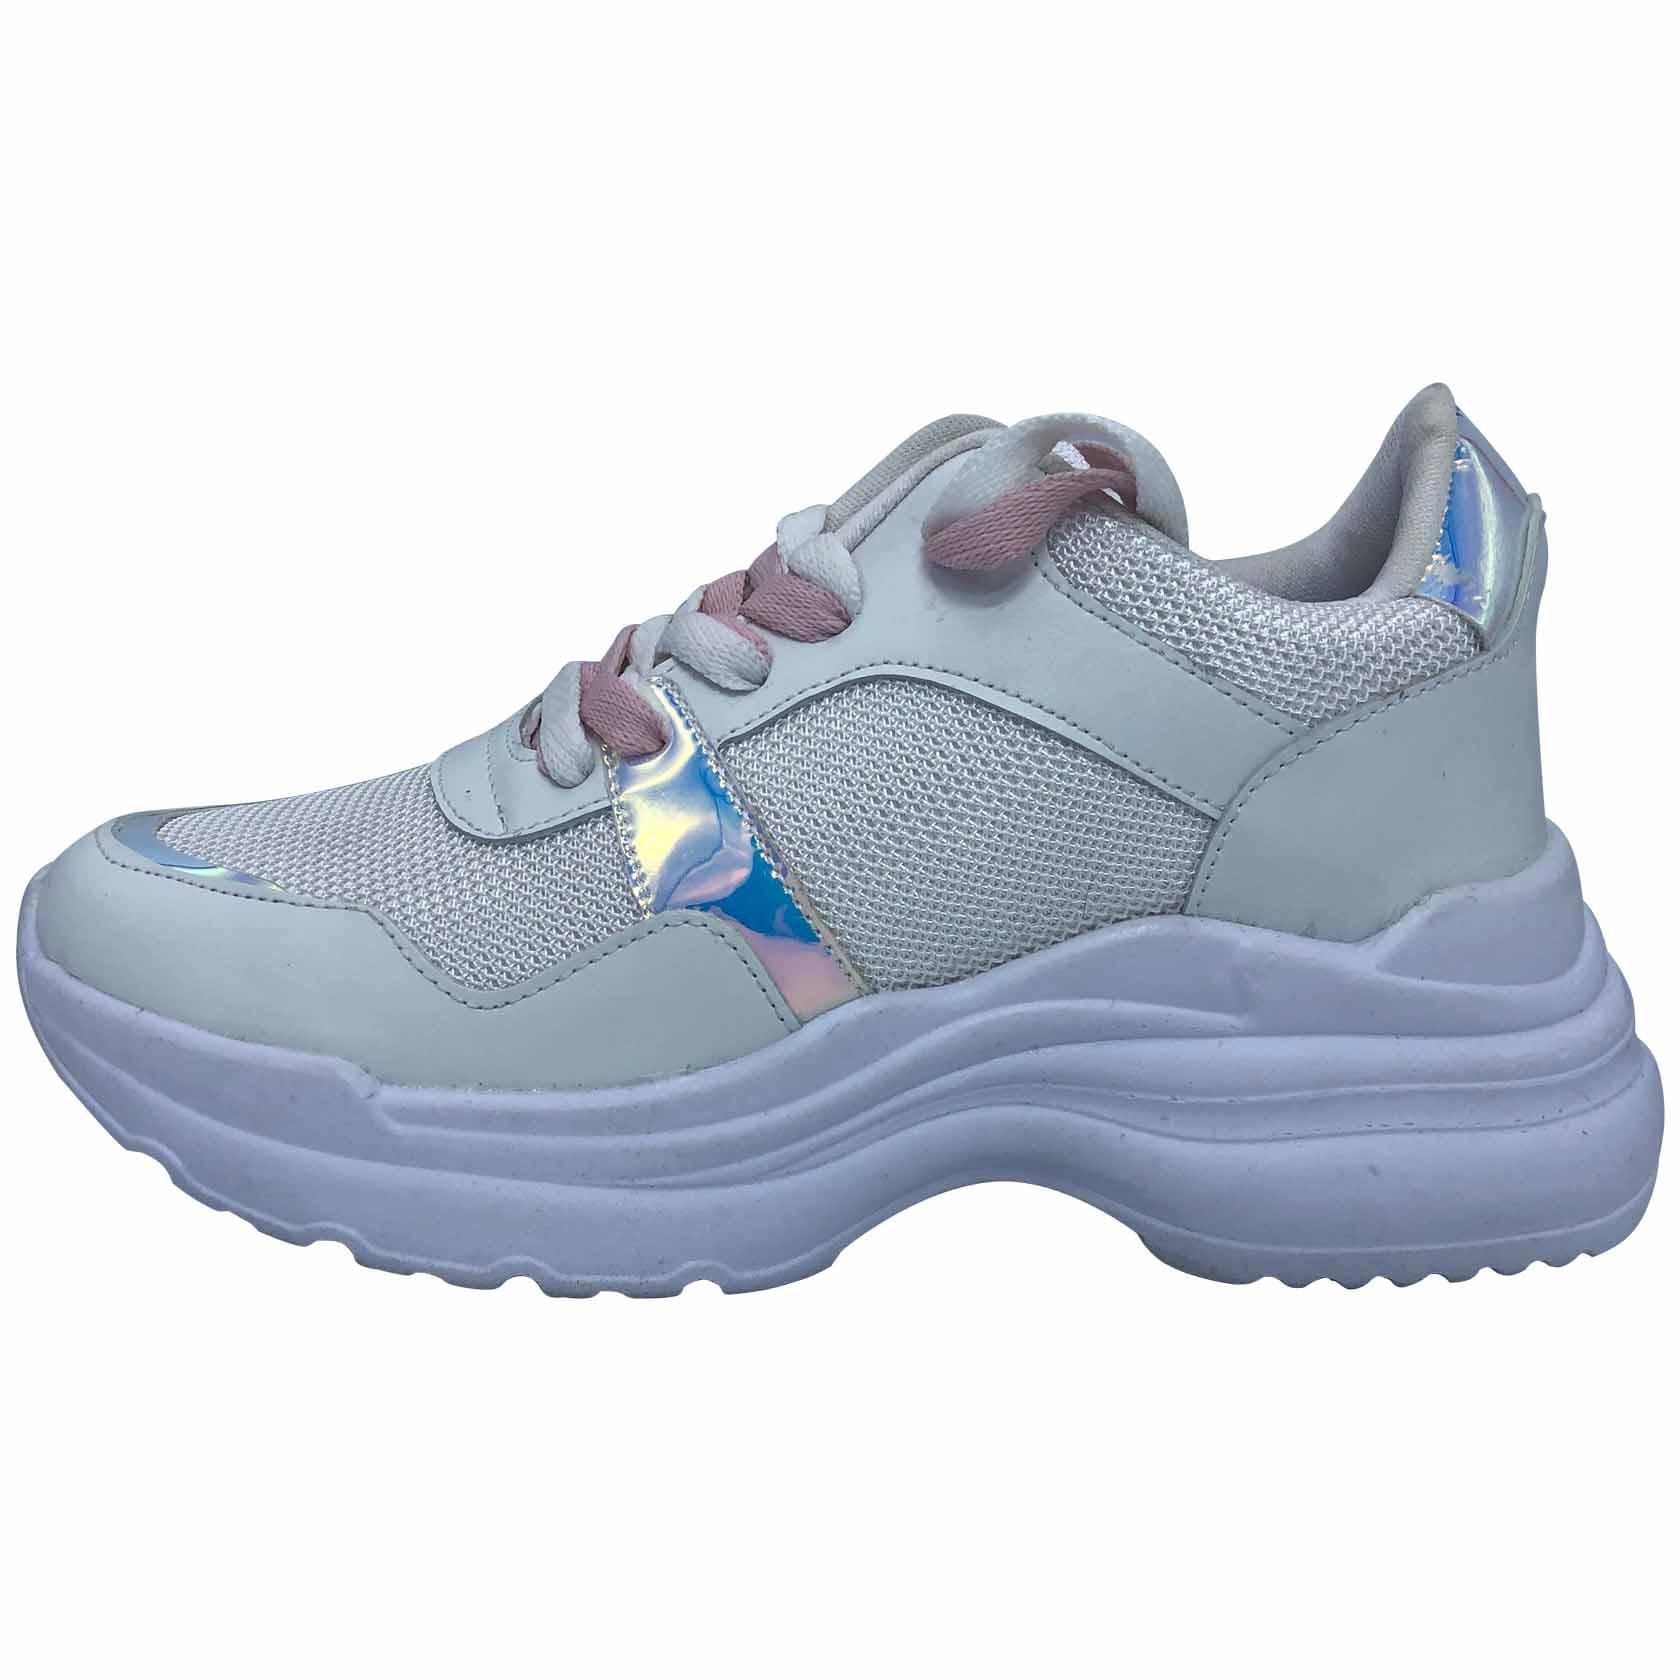 کفش مخصوص پیاده روی زنانه کد eL 1212